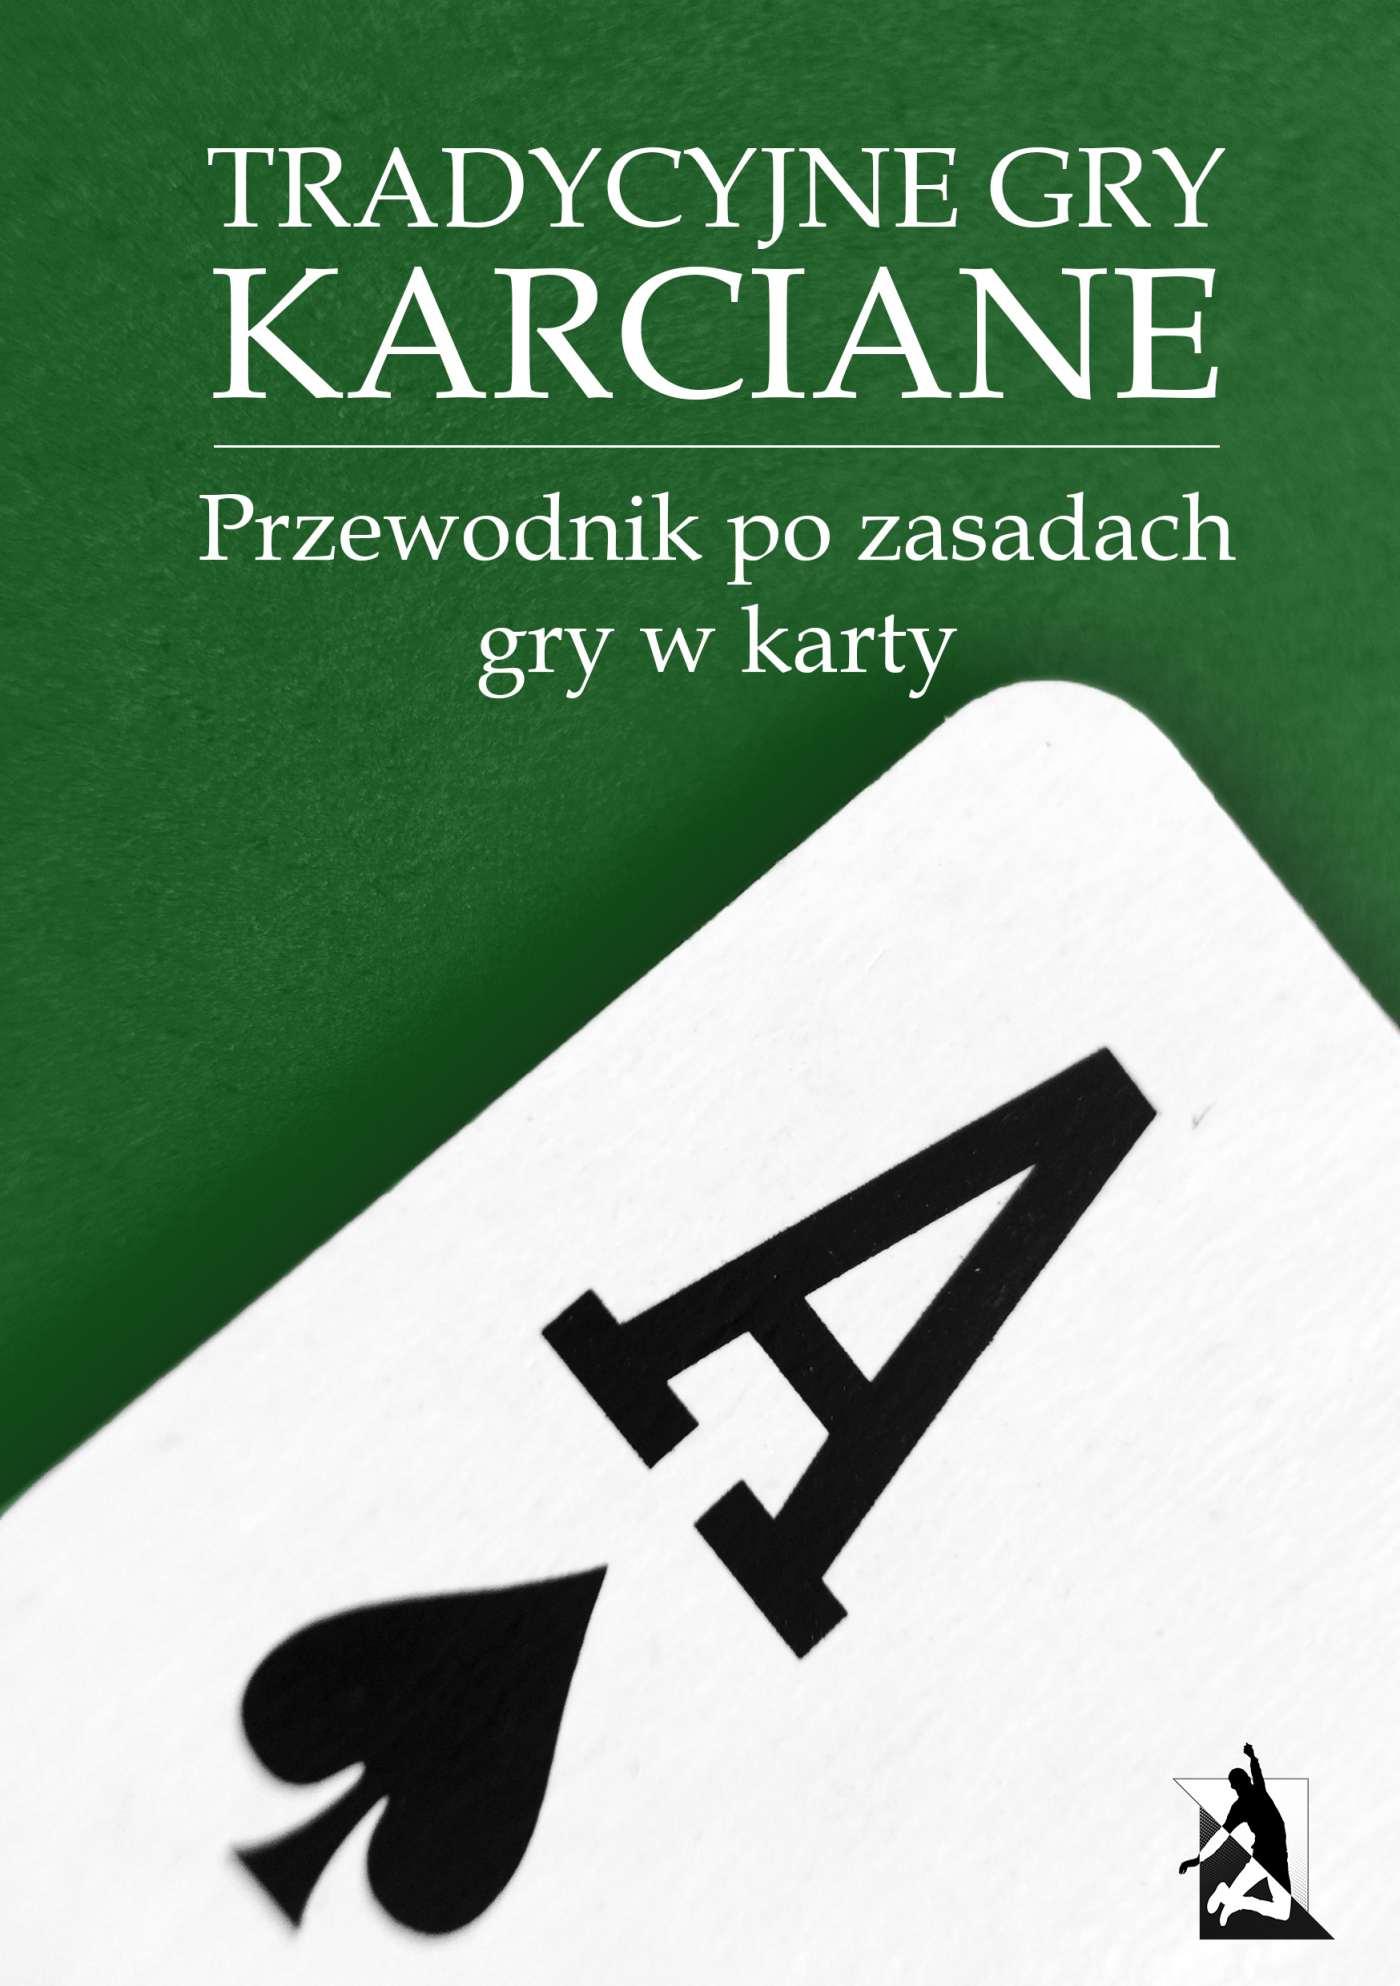 Tradycyjne gry karciane. Przewodnik po zasadach gry w karty - Ebook (Książka EPUB) do pobrania w formacie EPUB